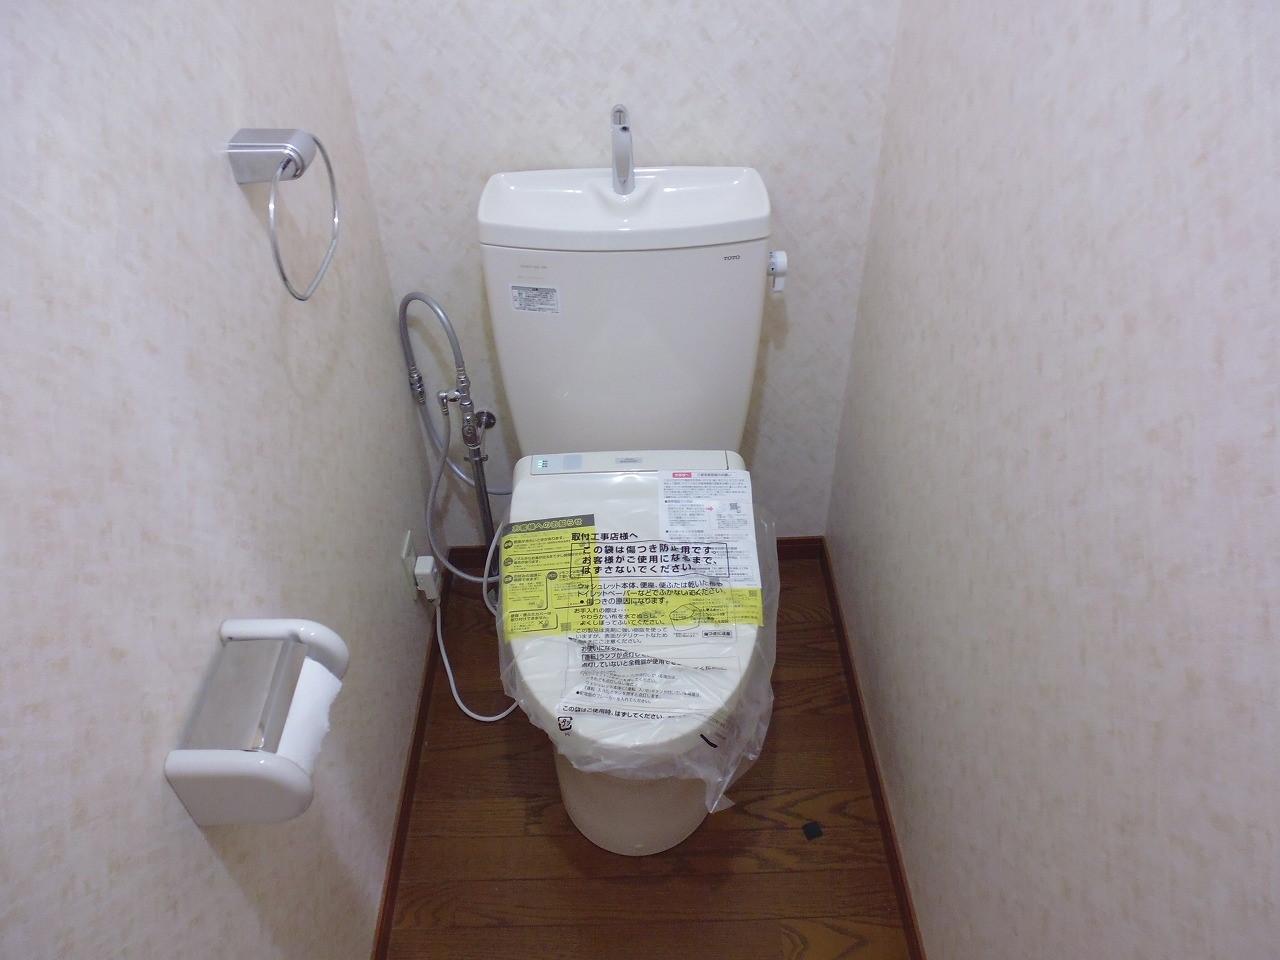 横浜市,トイレ,ピュアレストQR,節水